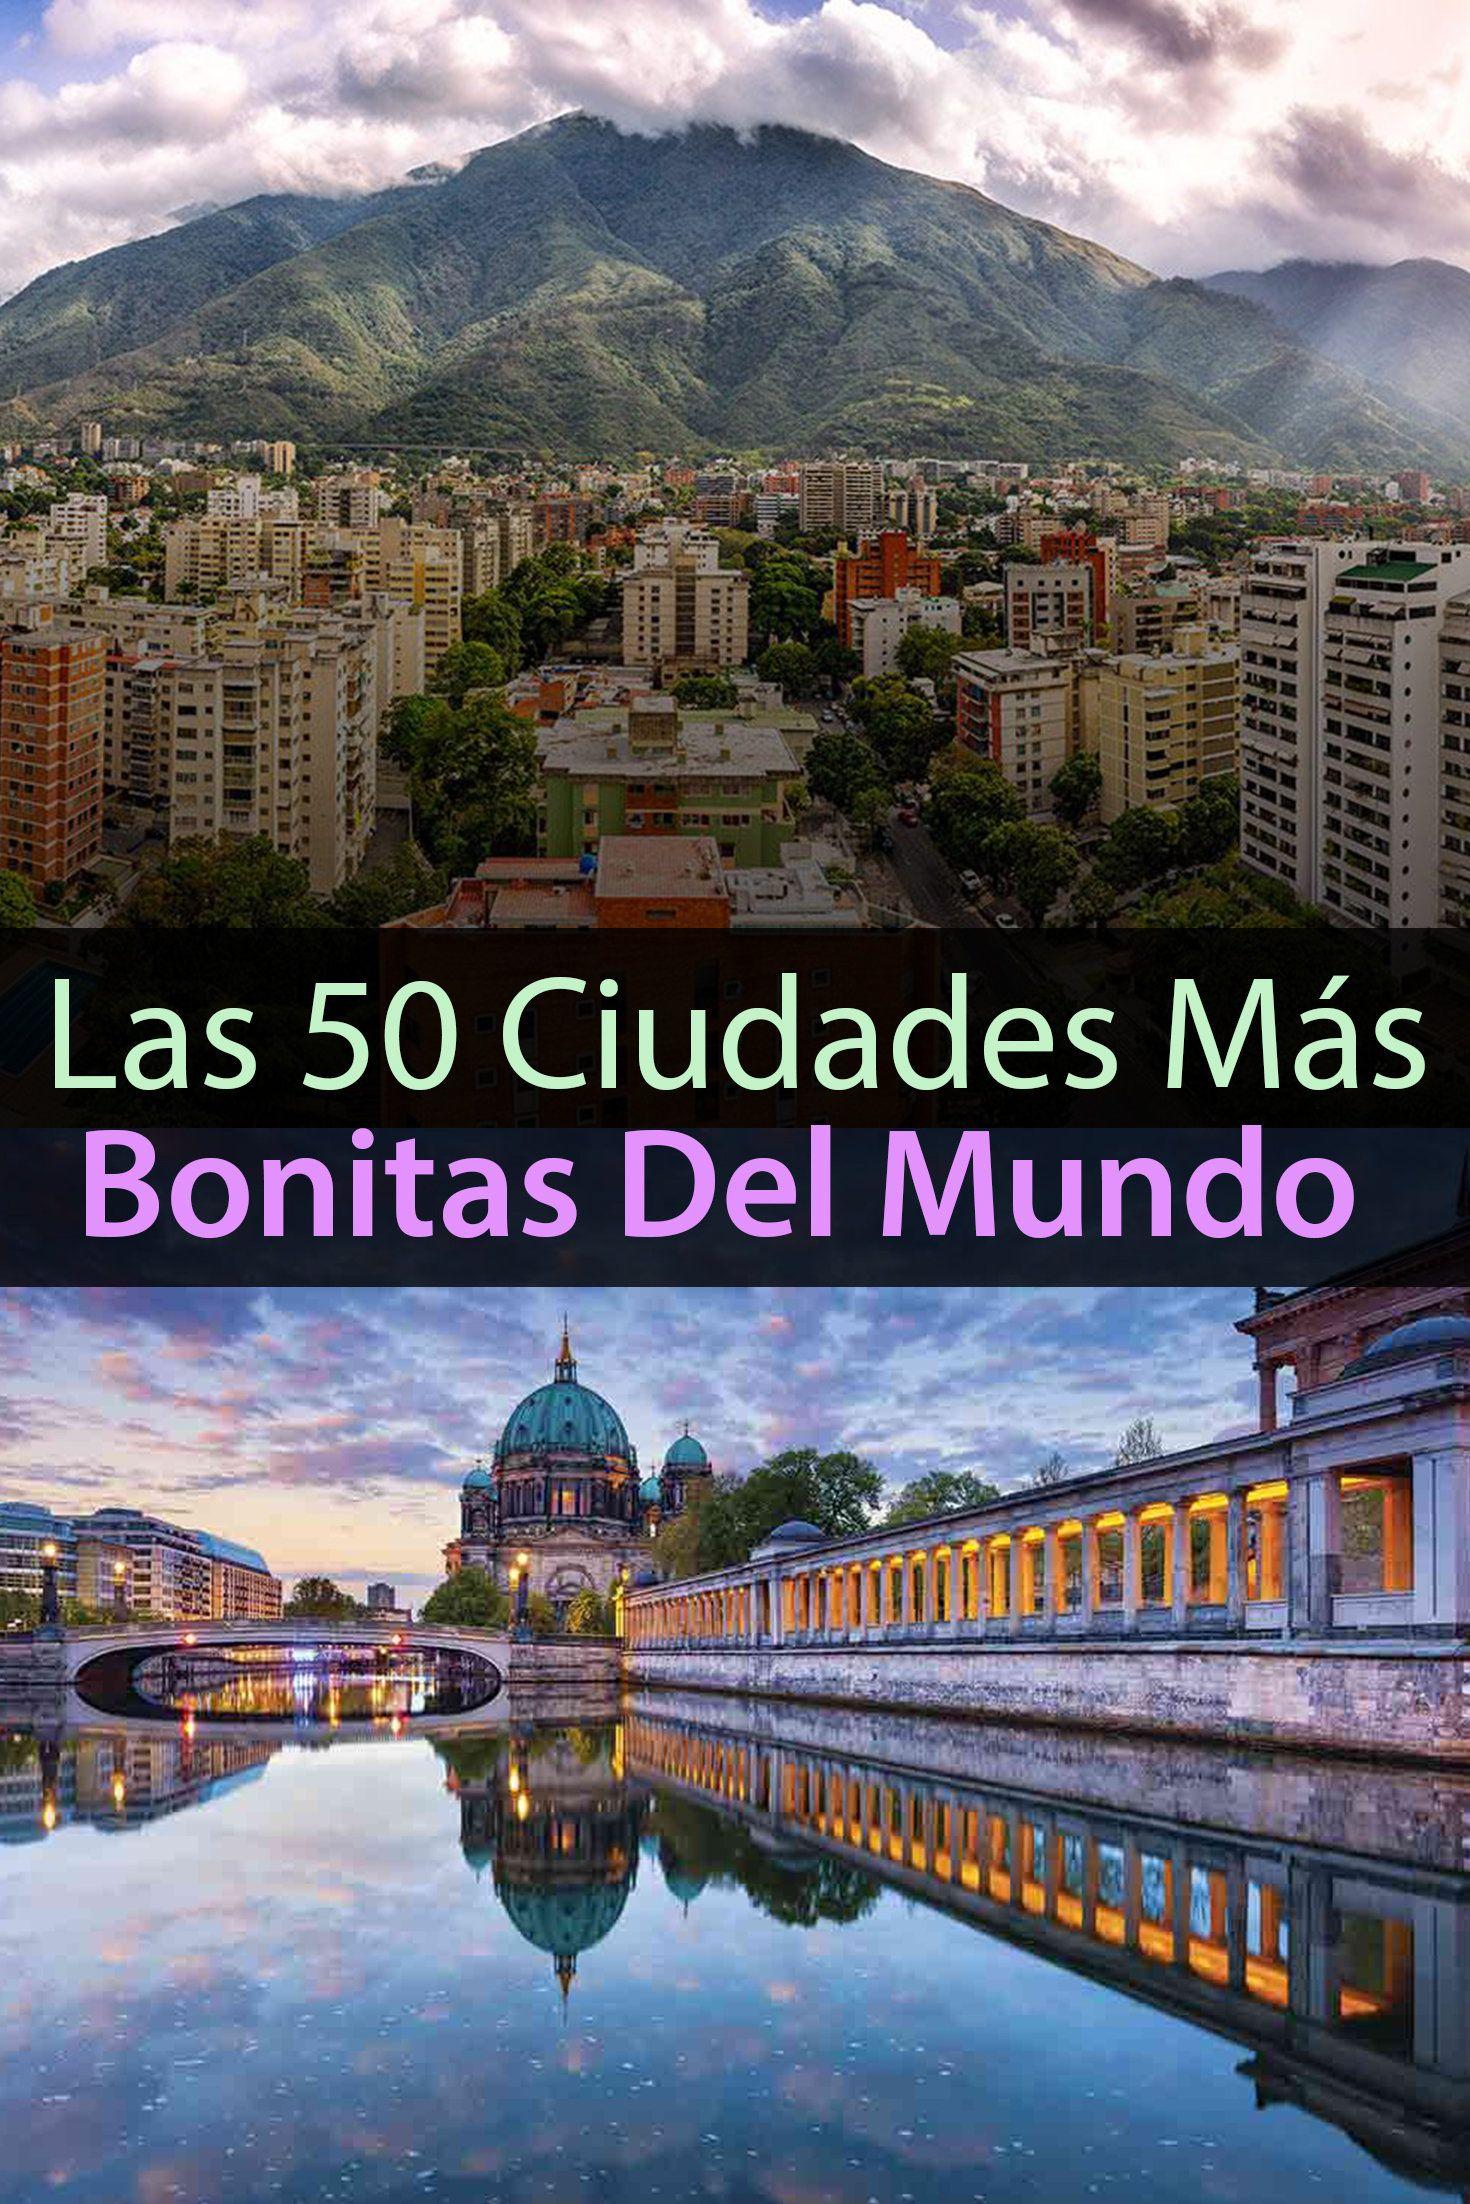 Las 50 Ciudades Más Bonitas Del Mundo Que Tienes Que Visitar Tips Para Tu Viaje City Around The Worlds World